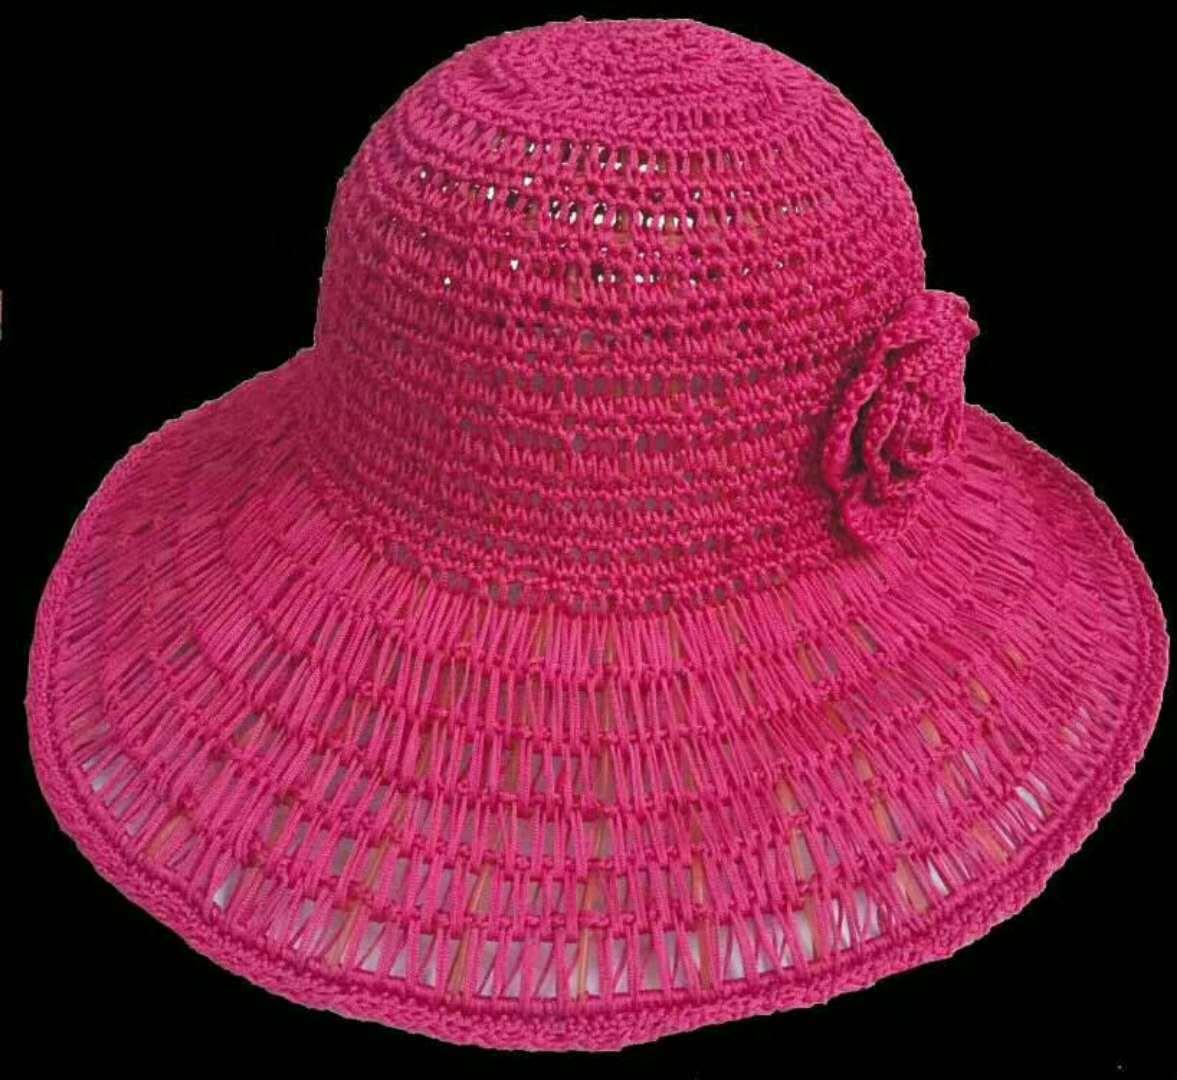 夏季太阳帽辅料 塑料帽网 手编 钩编太阳帽丝带绣塑料网帽子磨具